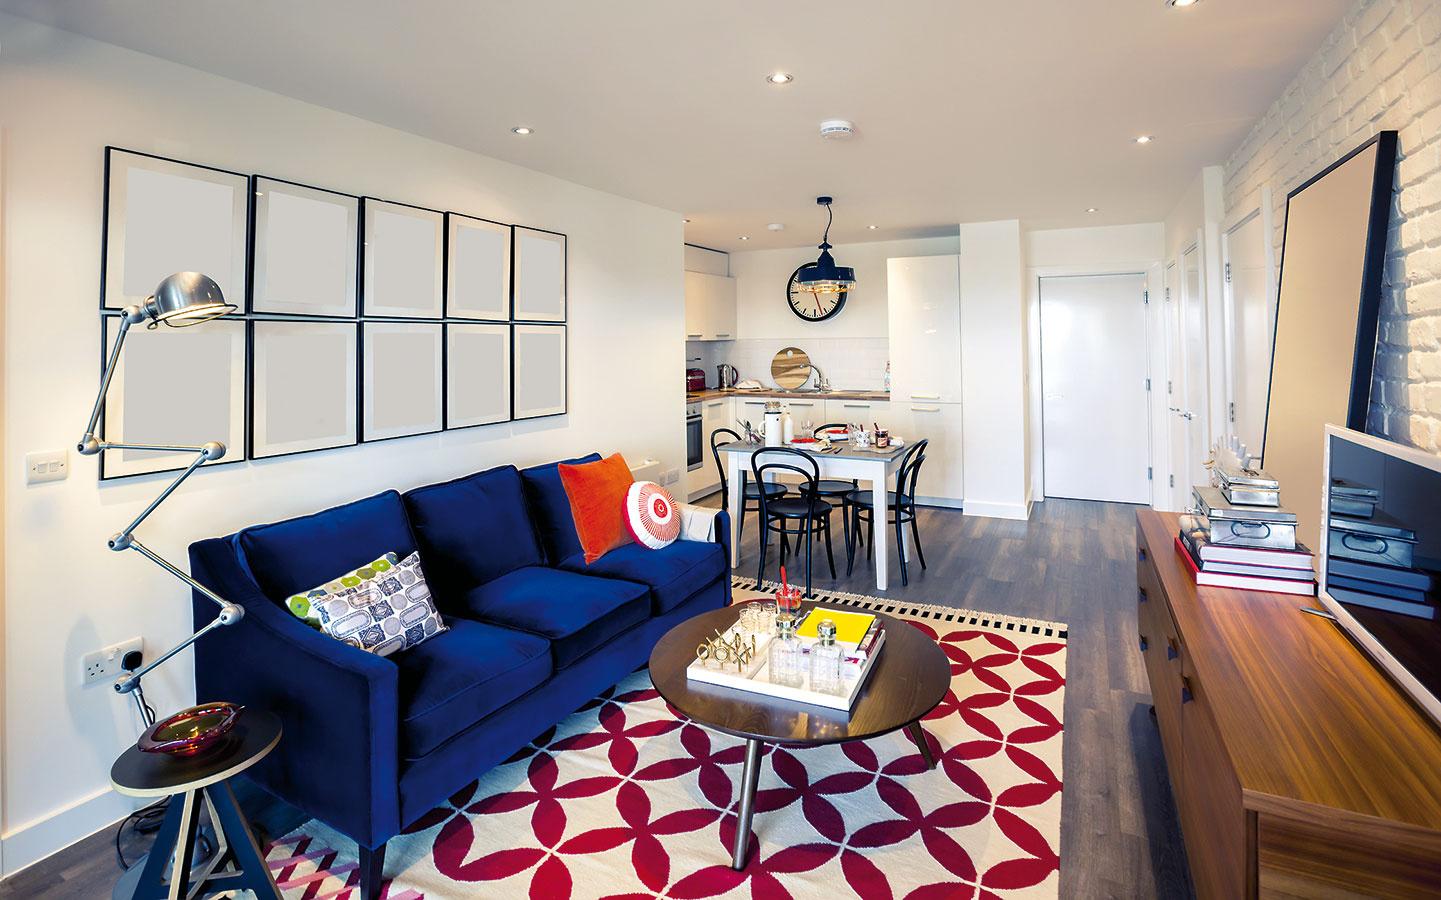 Jedáleň, hoci len v podobe stola a stoličiek, pomôže premostiť kuchyňu do obývačky aj v menších bytoch. Jeden spojený priestor je cenený aj preto, že vďaka nemu kuchyňa neprišla o denné svetlo.